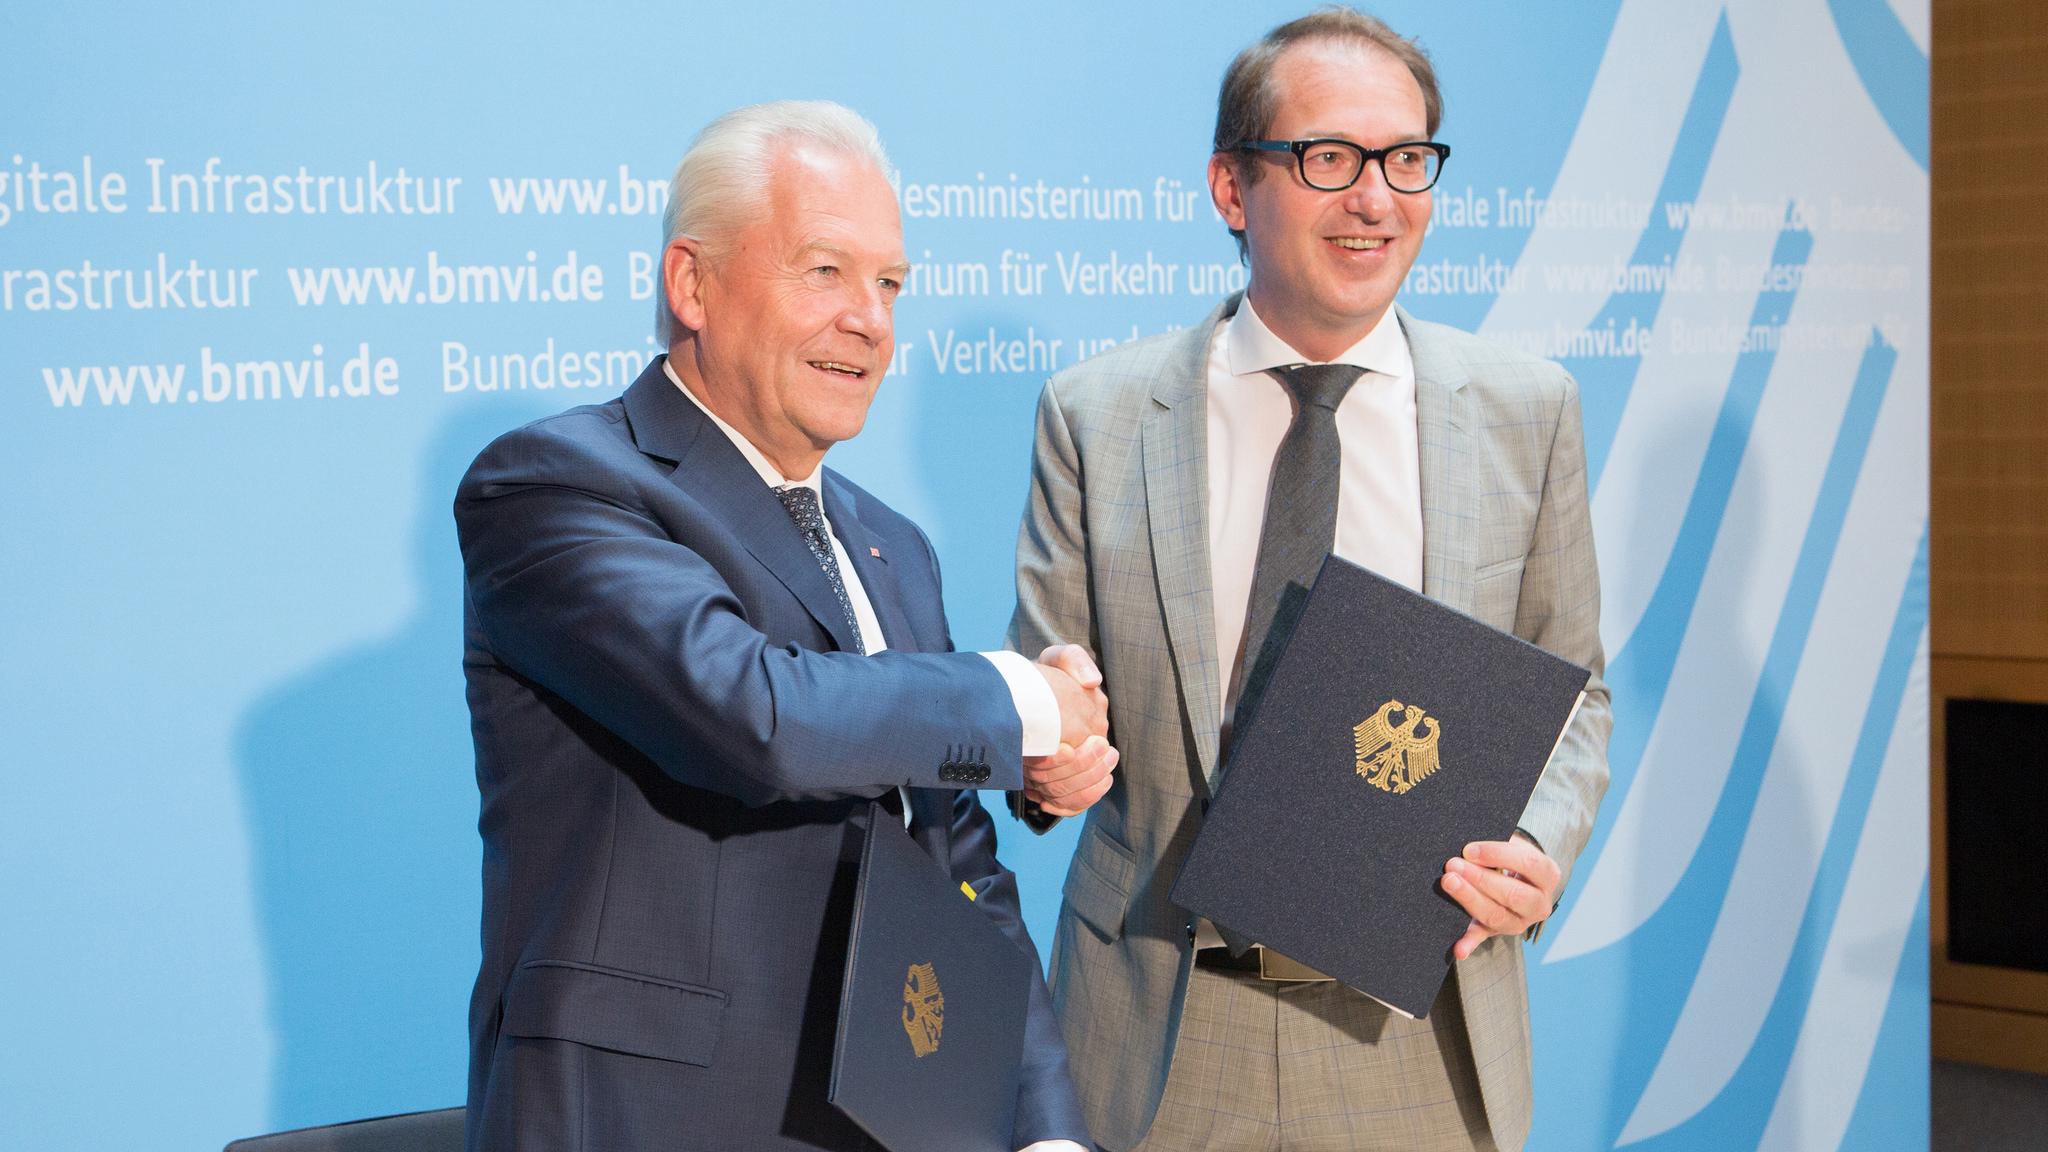 Bahnchef Rüdiger Grube (links) und Bundesverkehrsminister Alexander Dobrindt unterzeichneten eine Finanzierungsvereinbarung für 13 Pilotprojekte. Foto: BMVI